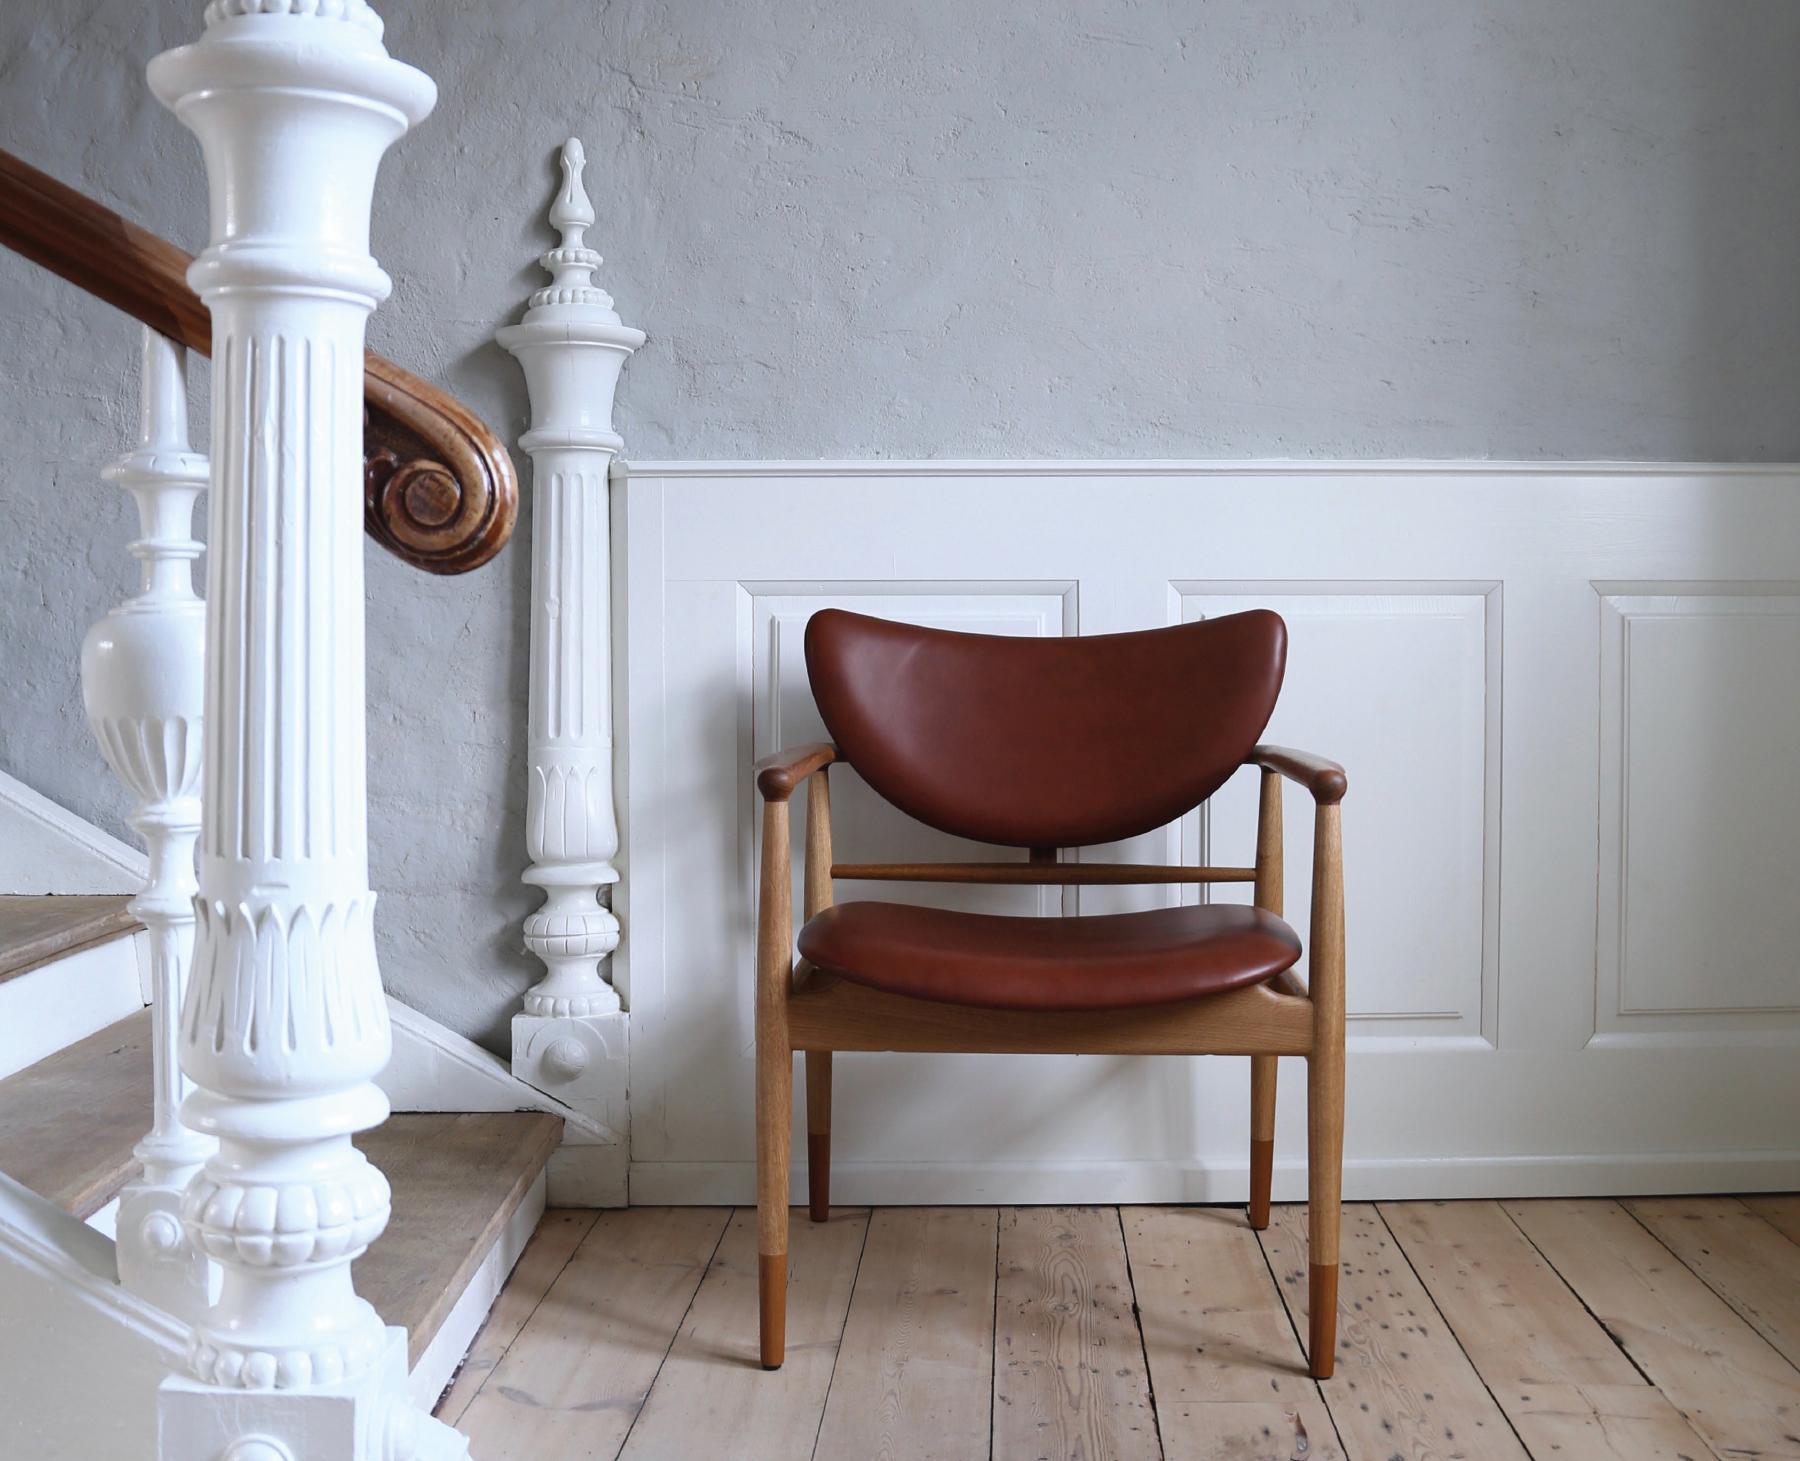 48 Chair Design